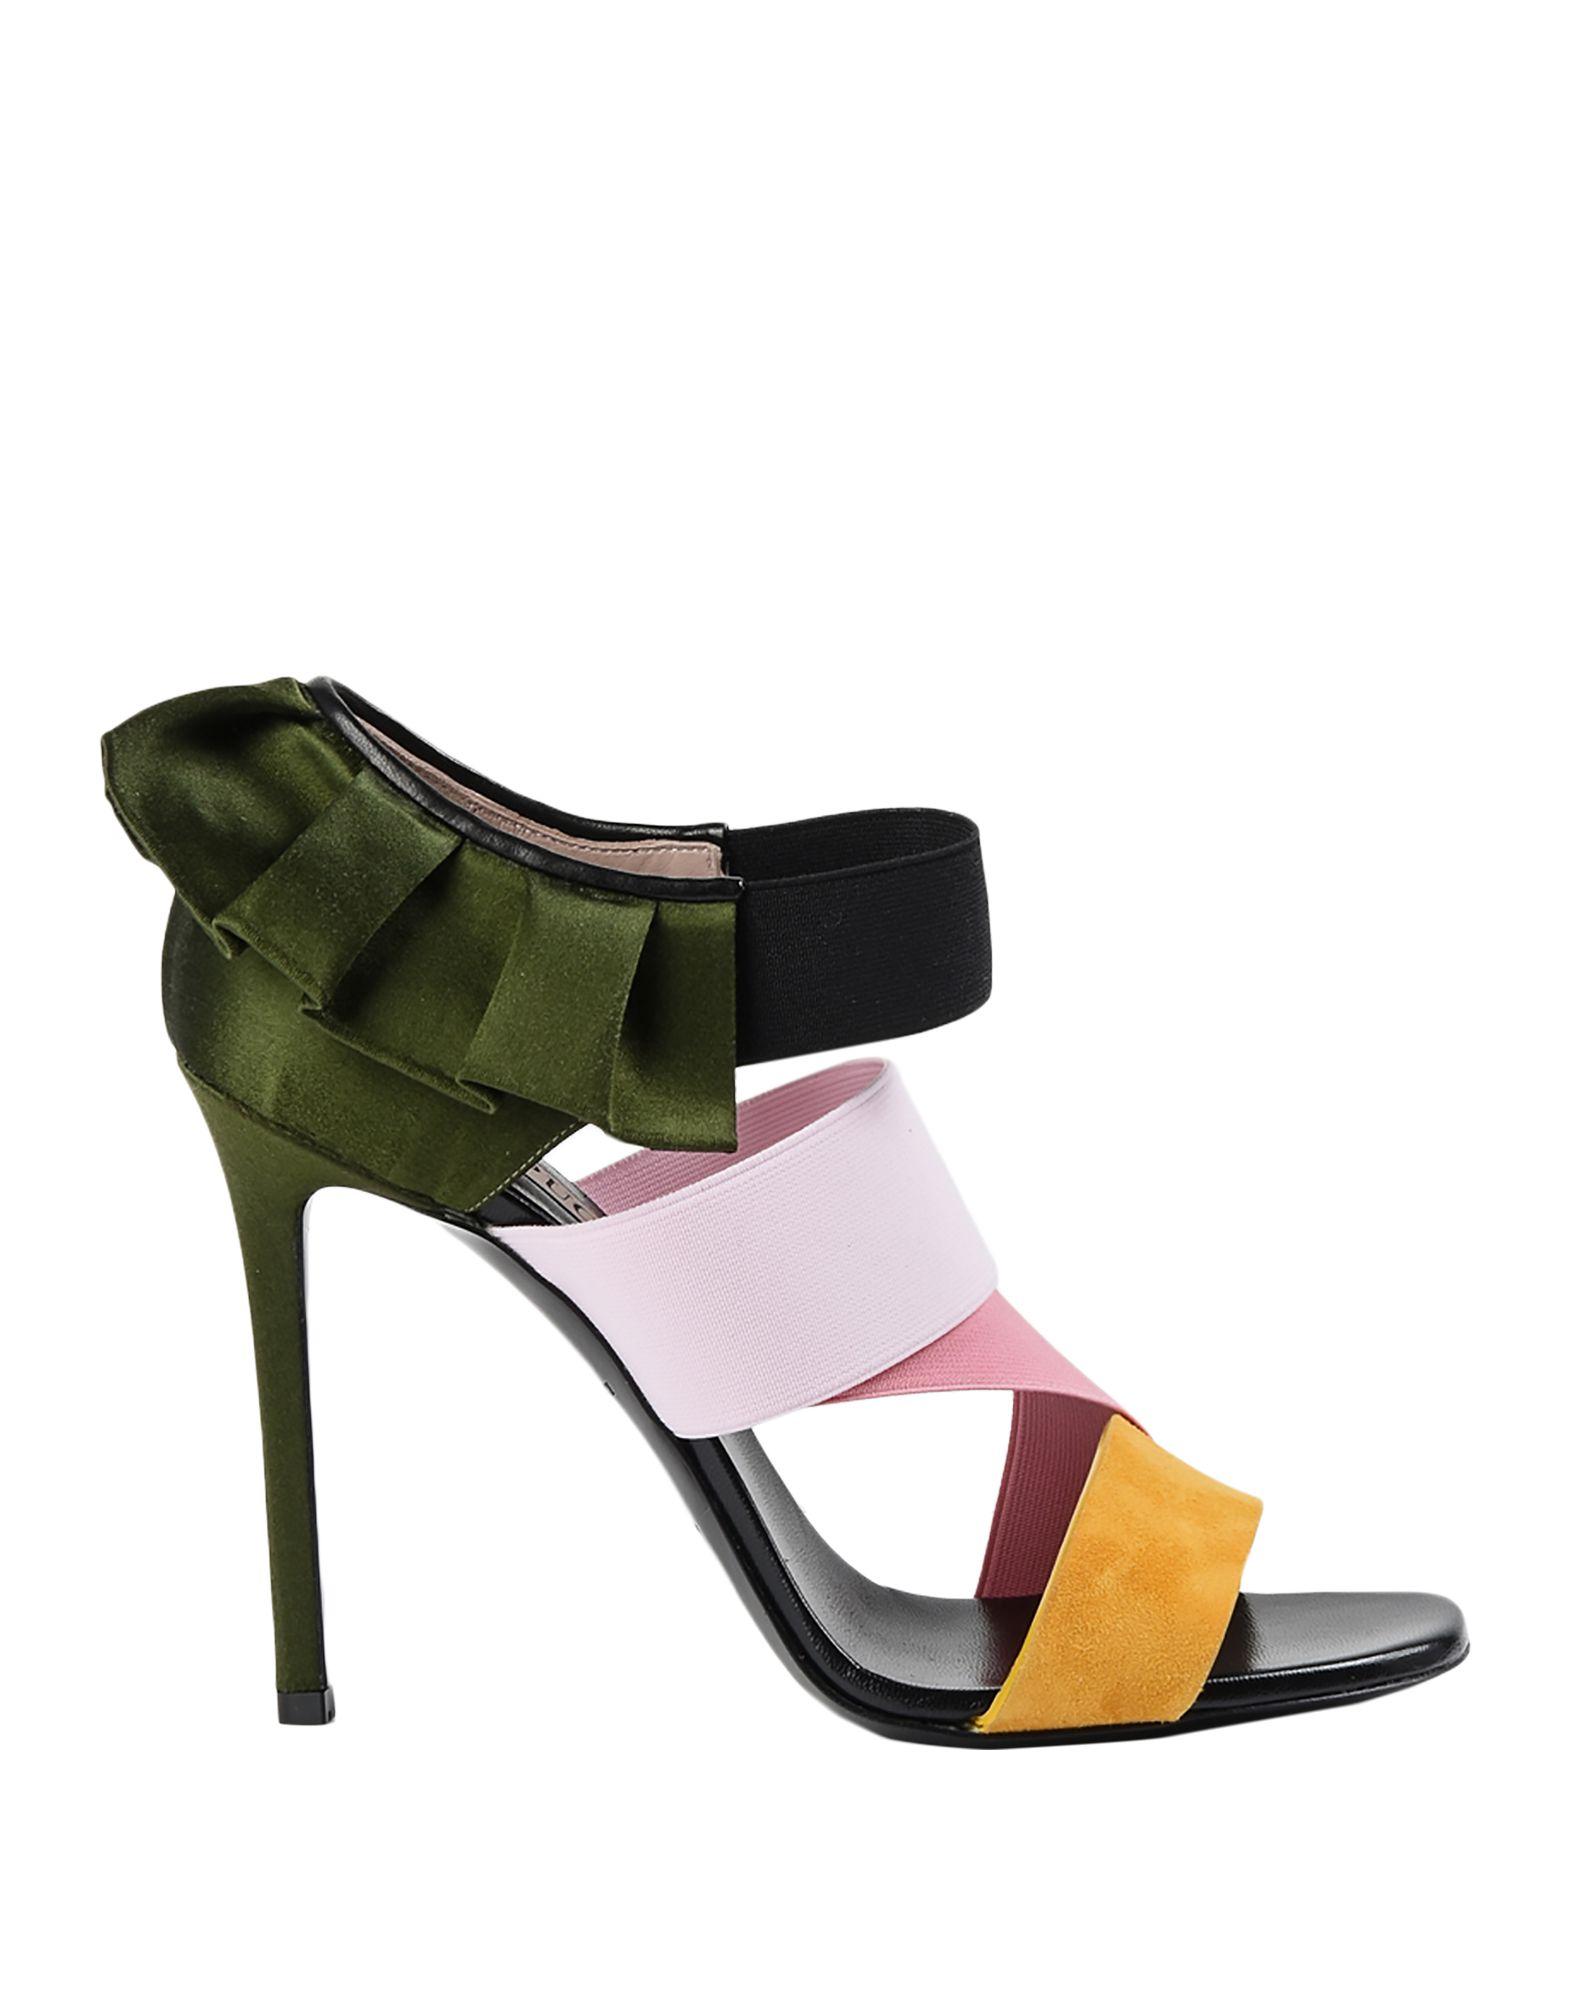 Emilio Pucci Sandals - Women Emilio Pucci Australia Sandals online on  Australia Pucci - 11481137XM d25e42